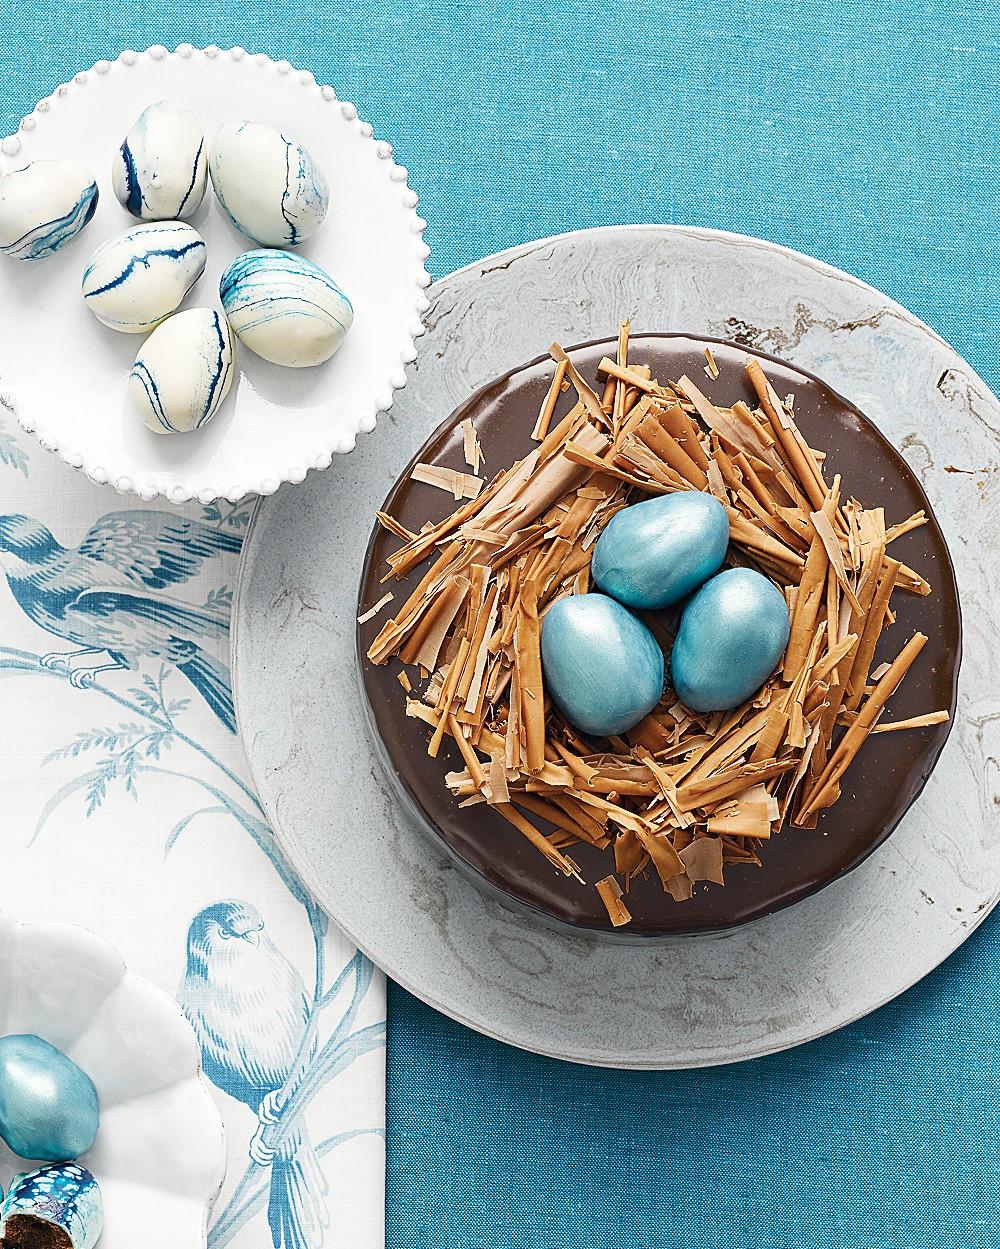 Décorez le gâteau avec du chocolat râpé et des œufs en sucre élégants.